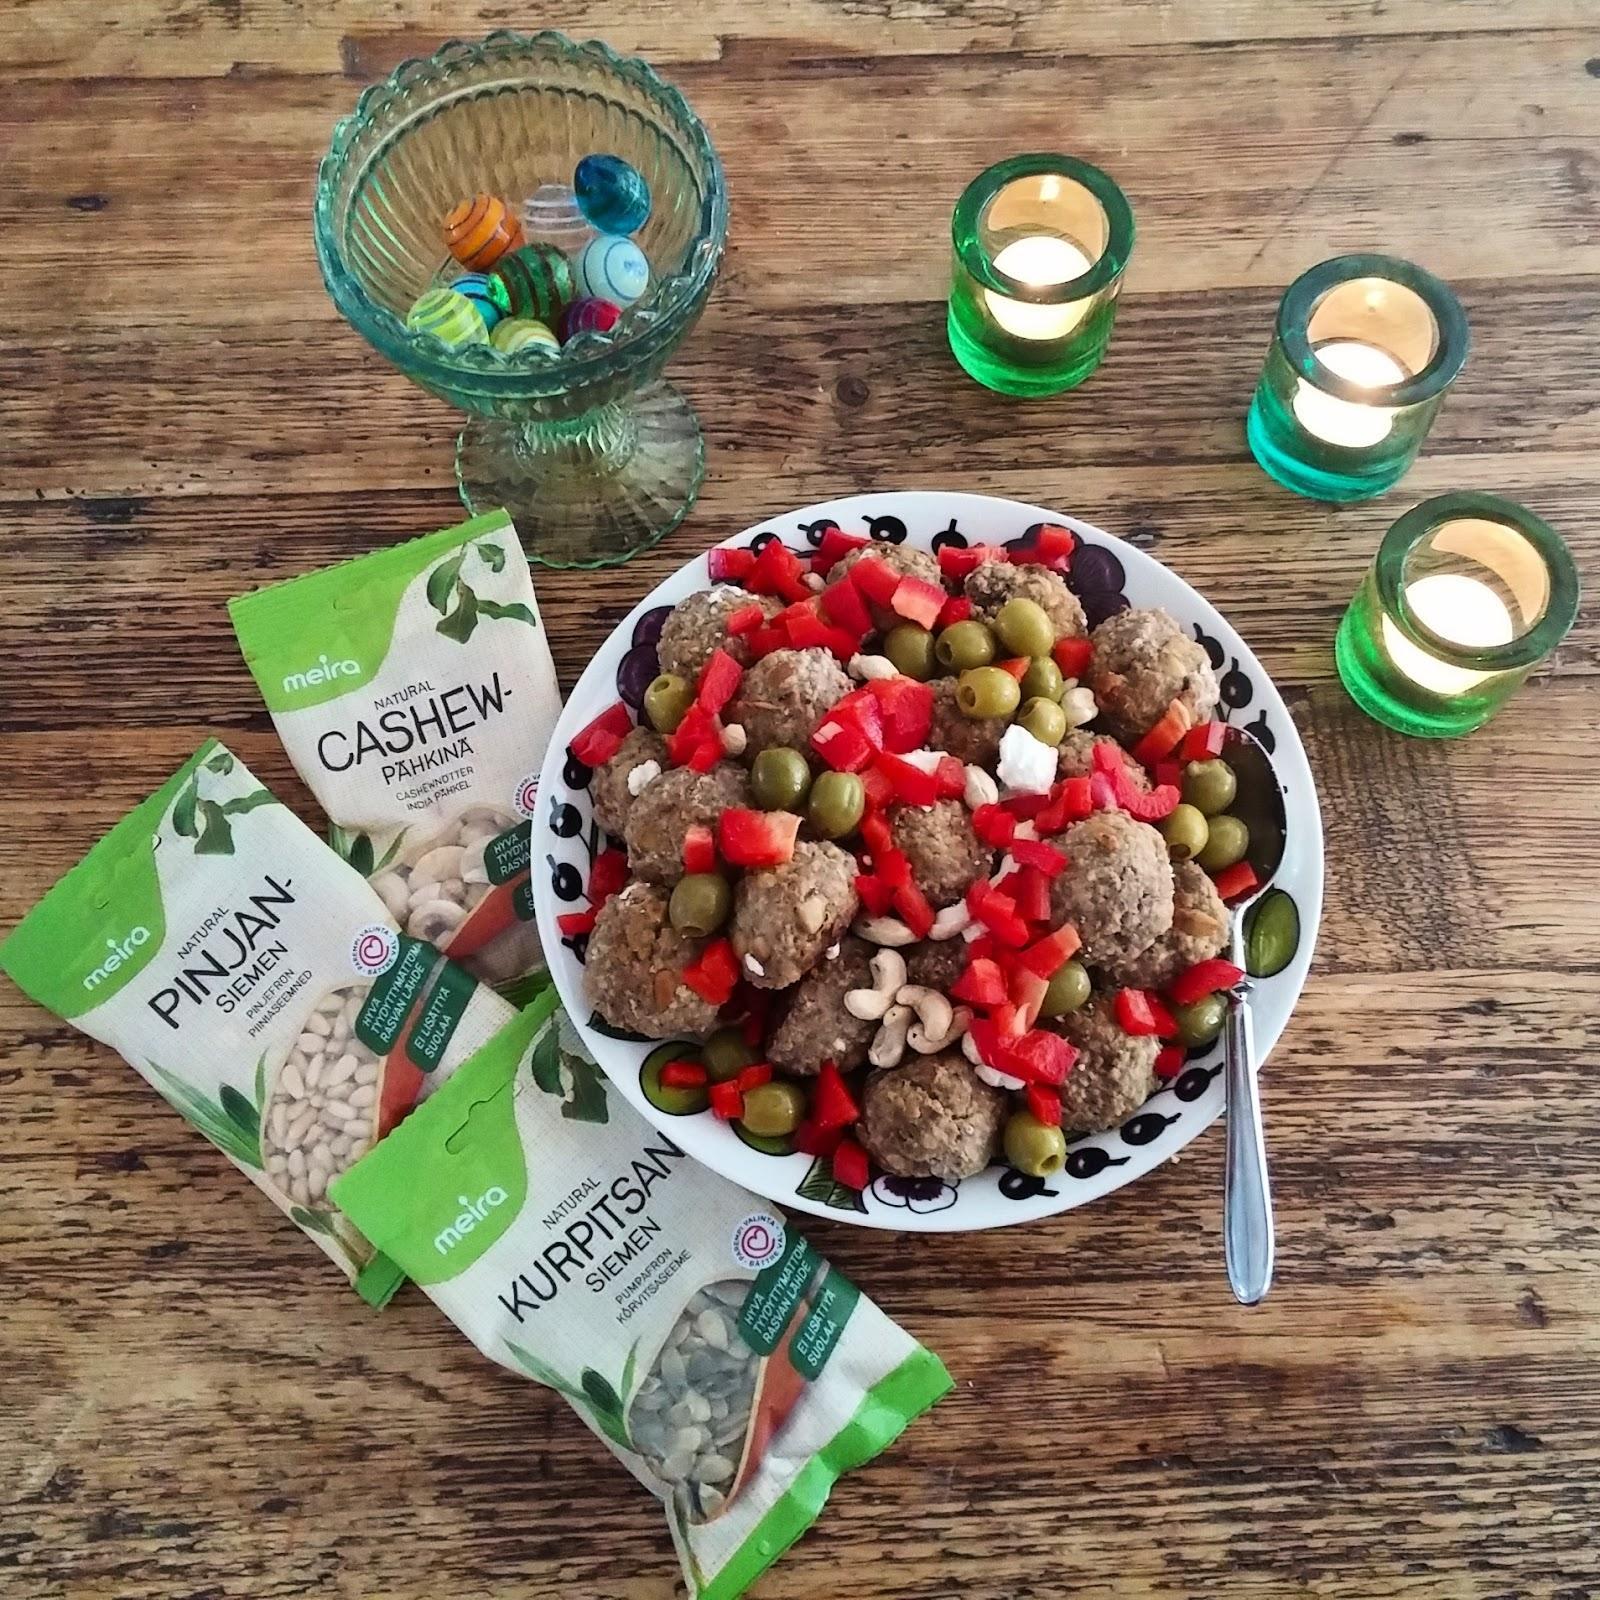 Arvonnassa Meiran pähkinäisiä palkintoja ja herkulliset lihapullat pähkinäisellä twistillä!